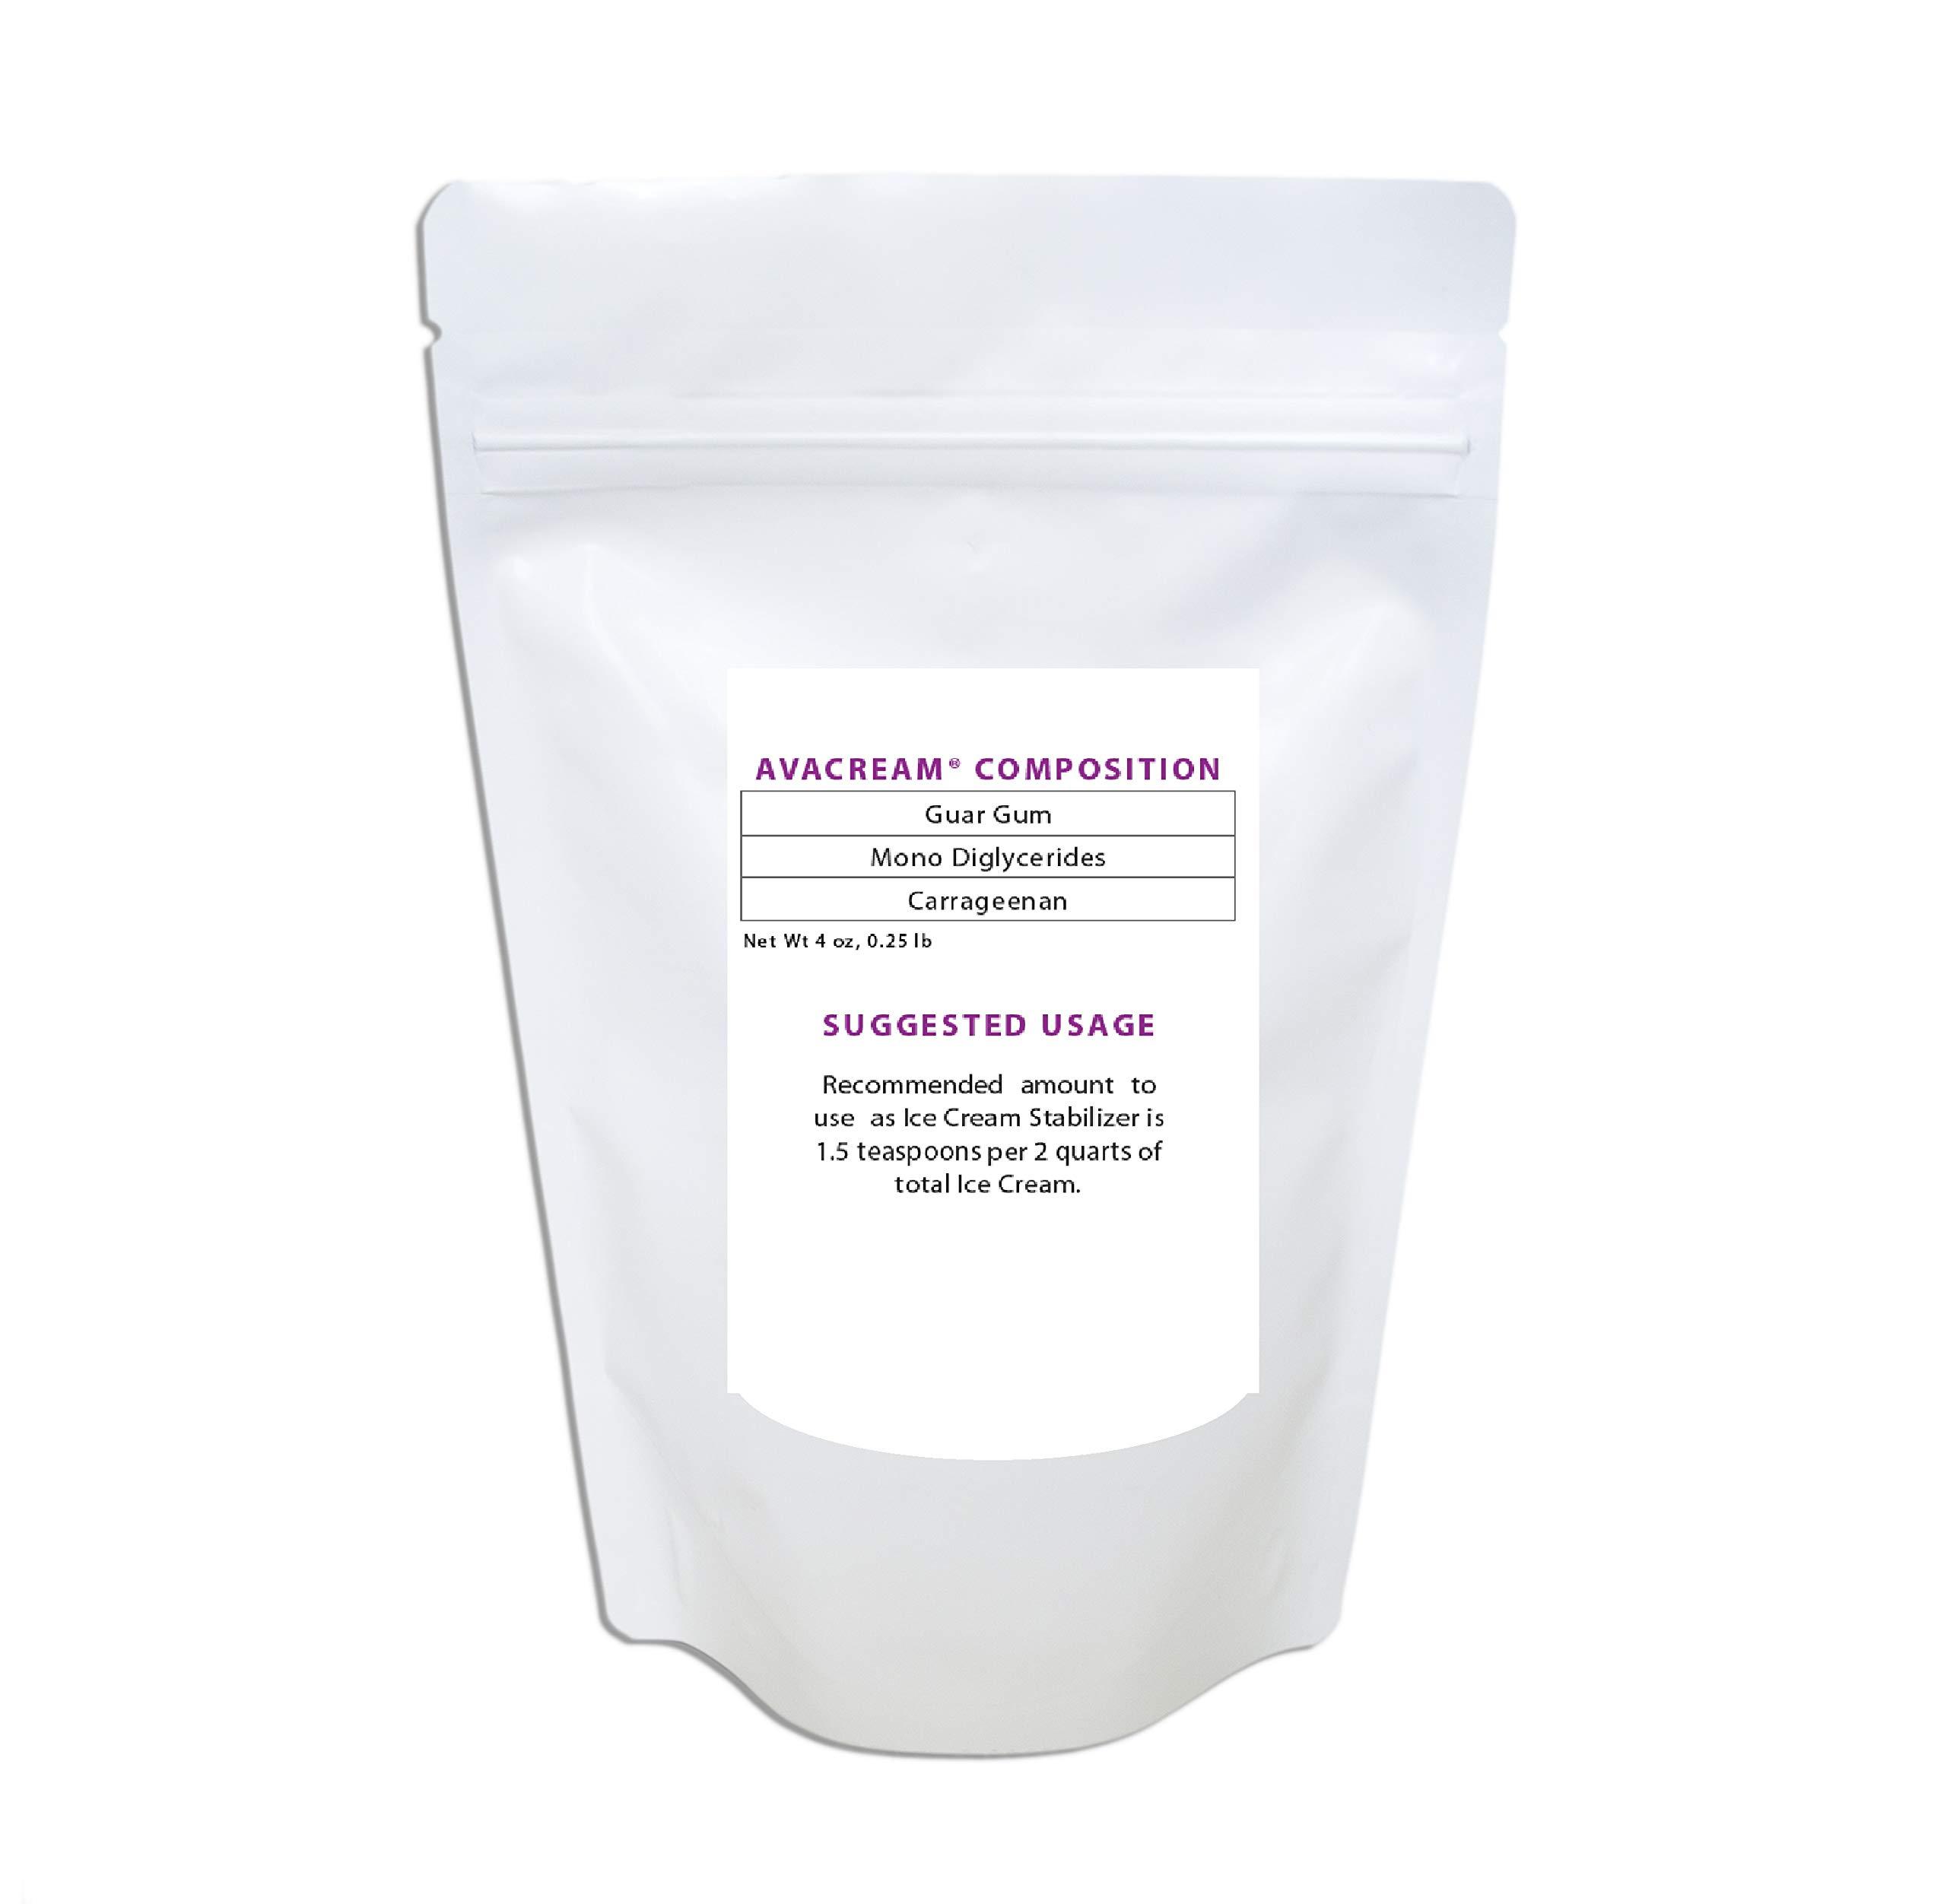 Avacream Ice Cream Stabilizer Mix (4 oz) by Avacream (Image #1)